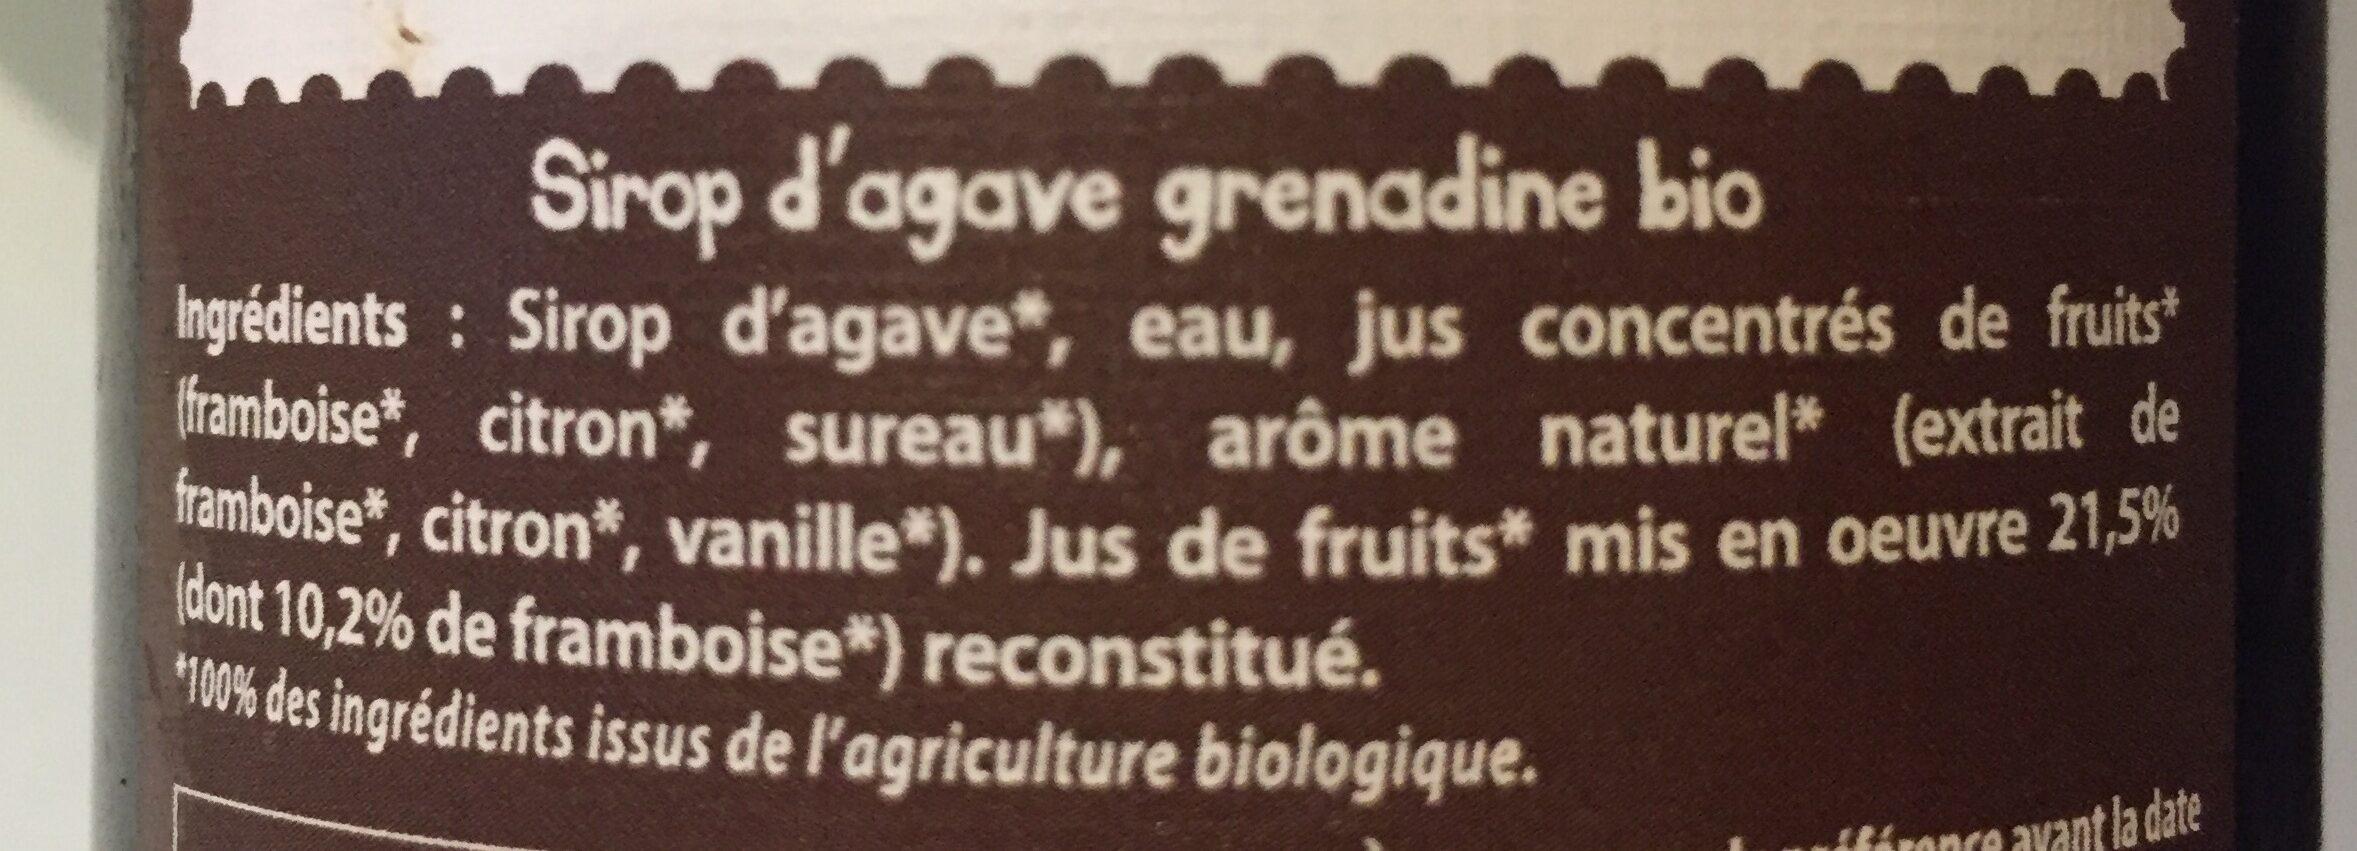 50CL Sirop D'agave Grenadine - Ingrédients - fr